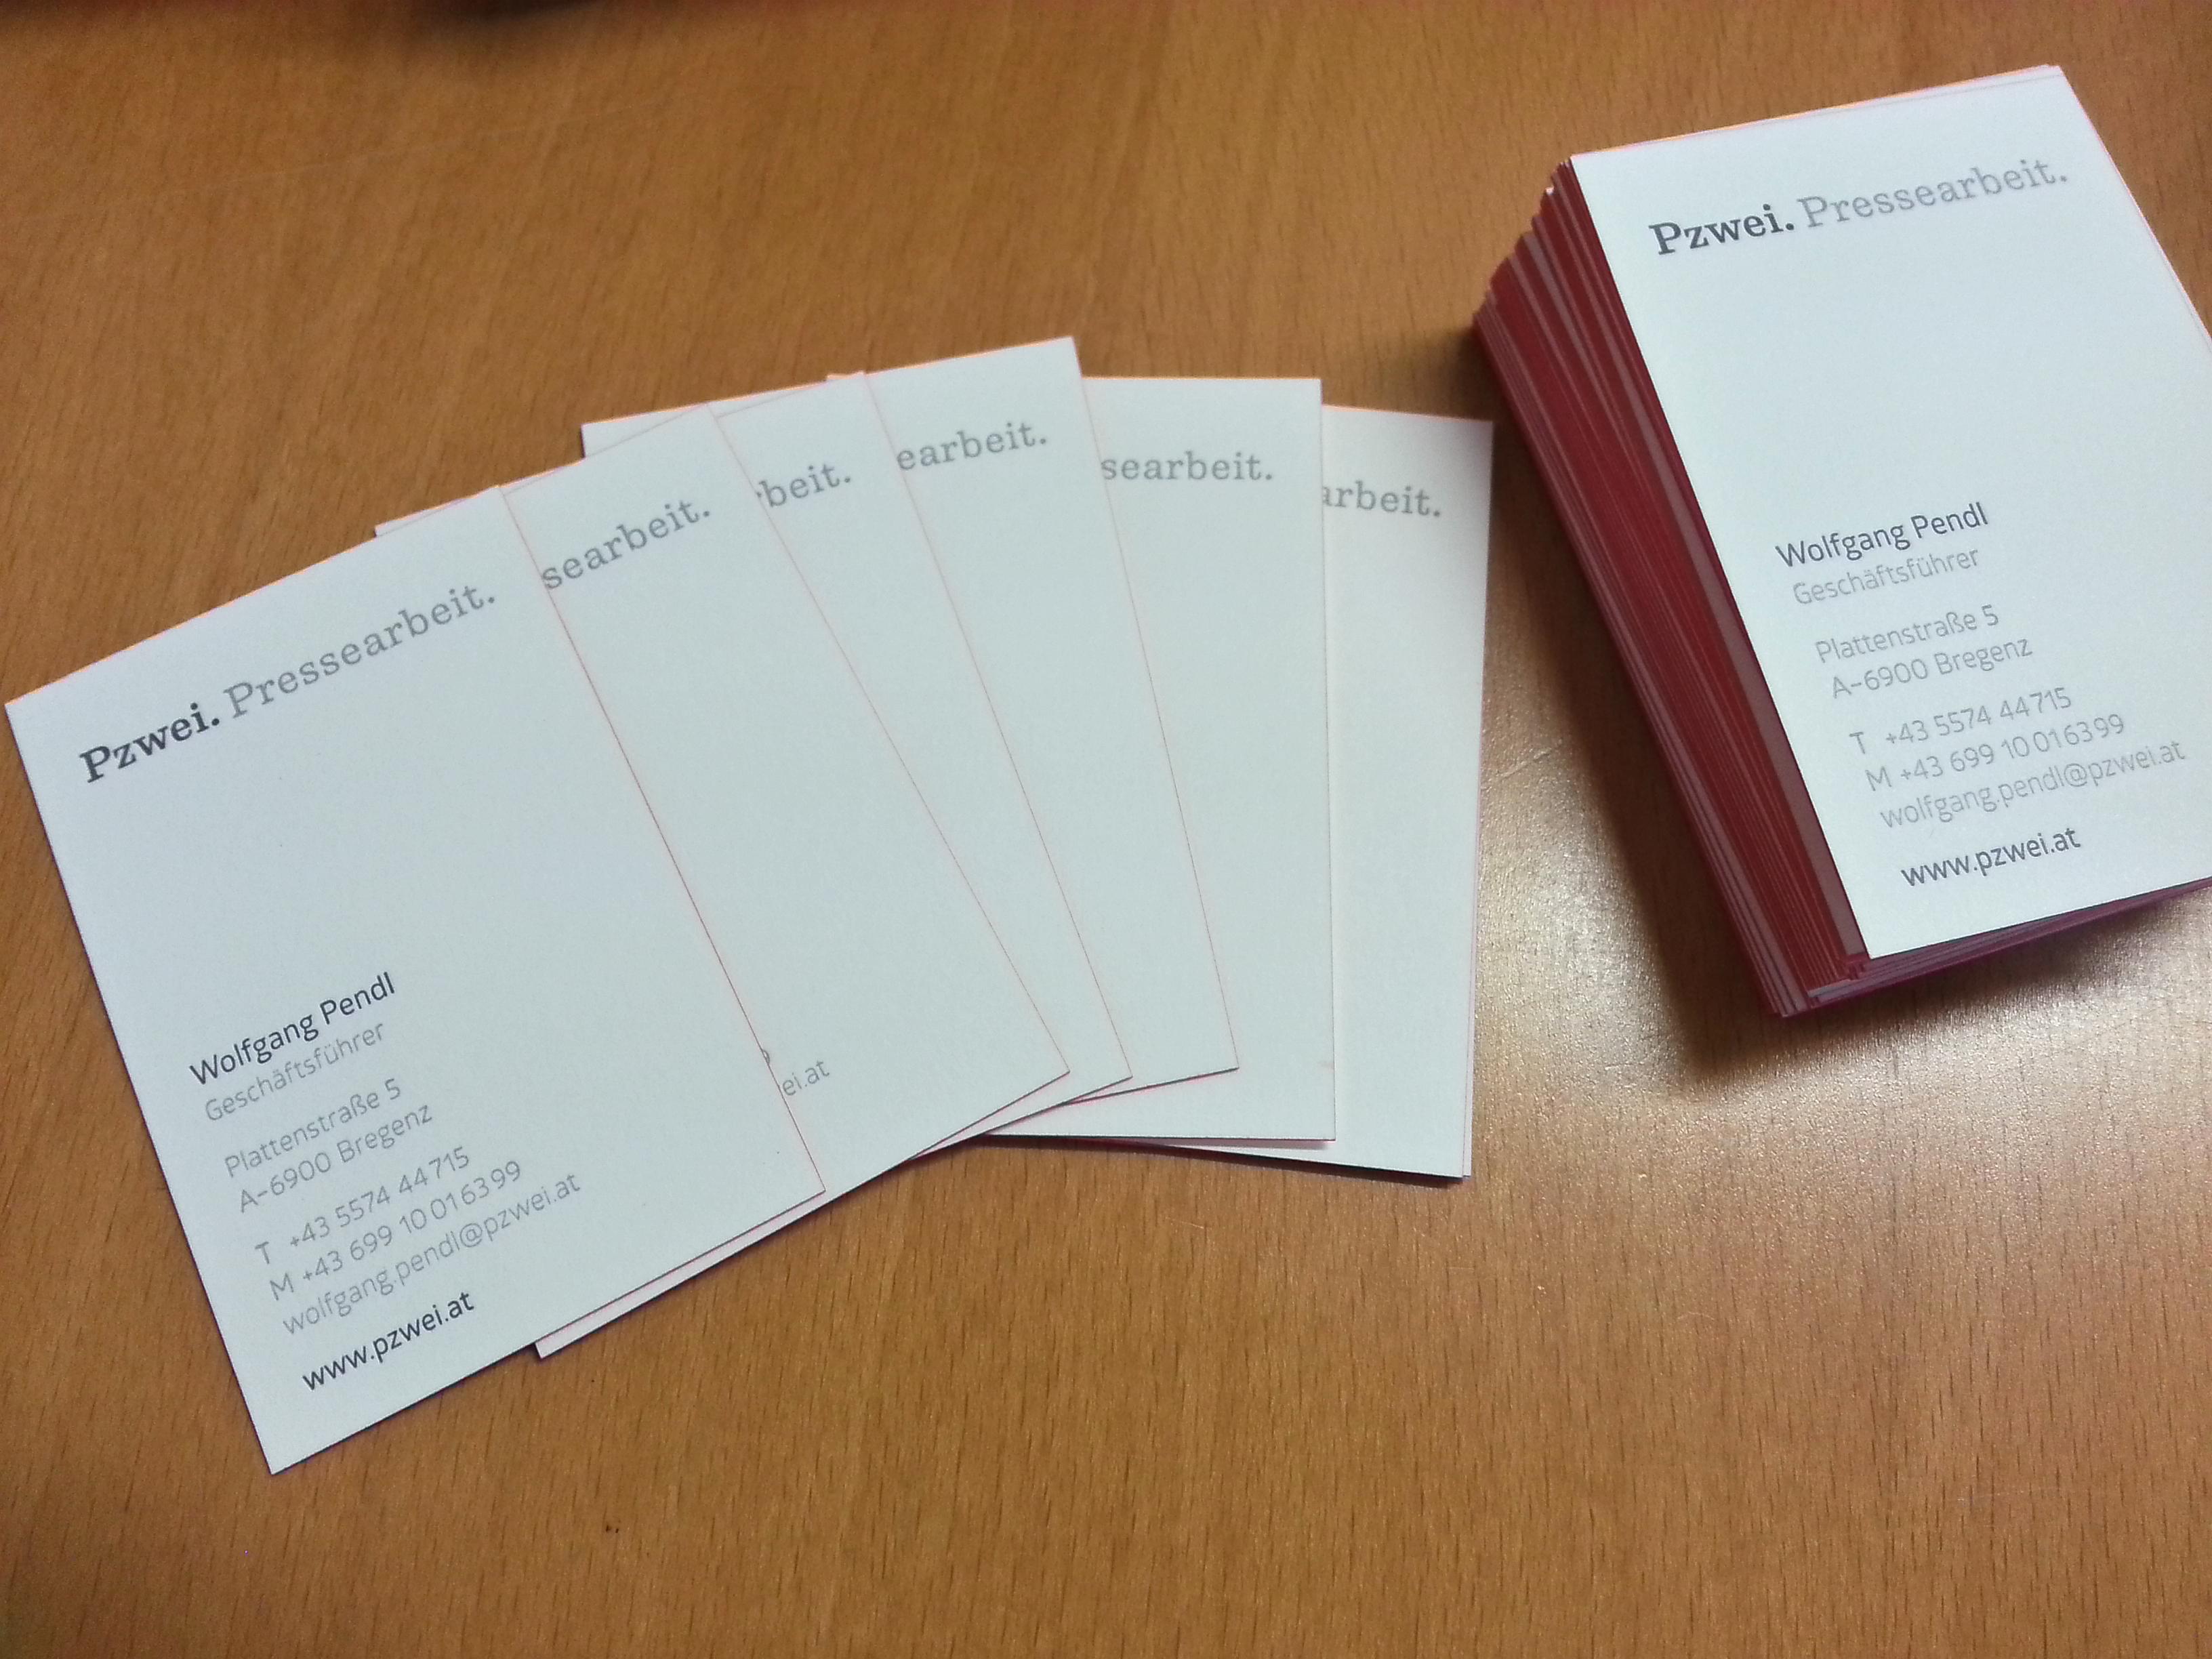 Visitenkarten Pzwei. Pressearbeit.